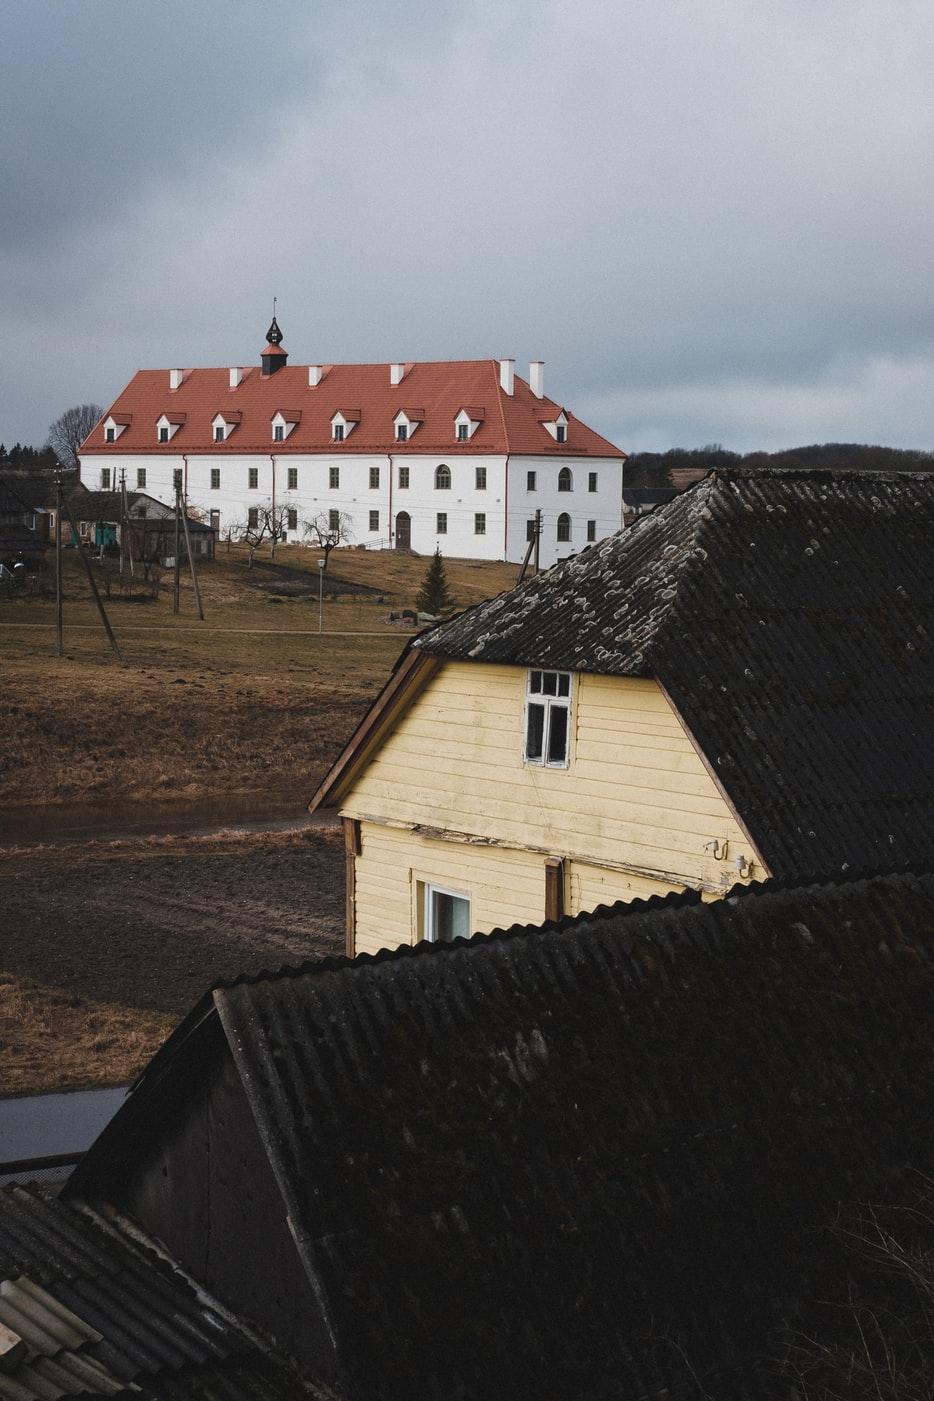 Kuhu reisida lastega suvel – Sihtkohad Eesti lähedal